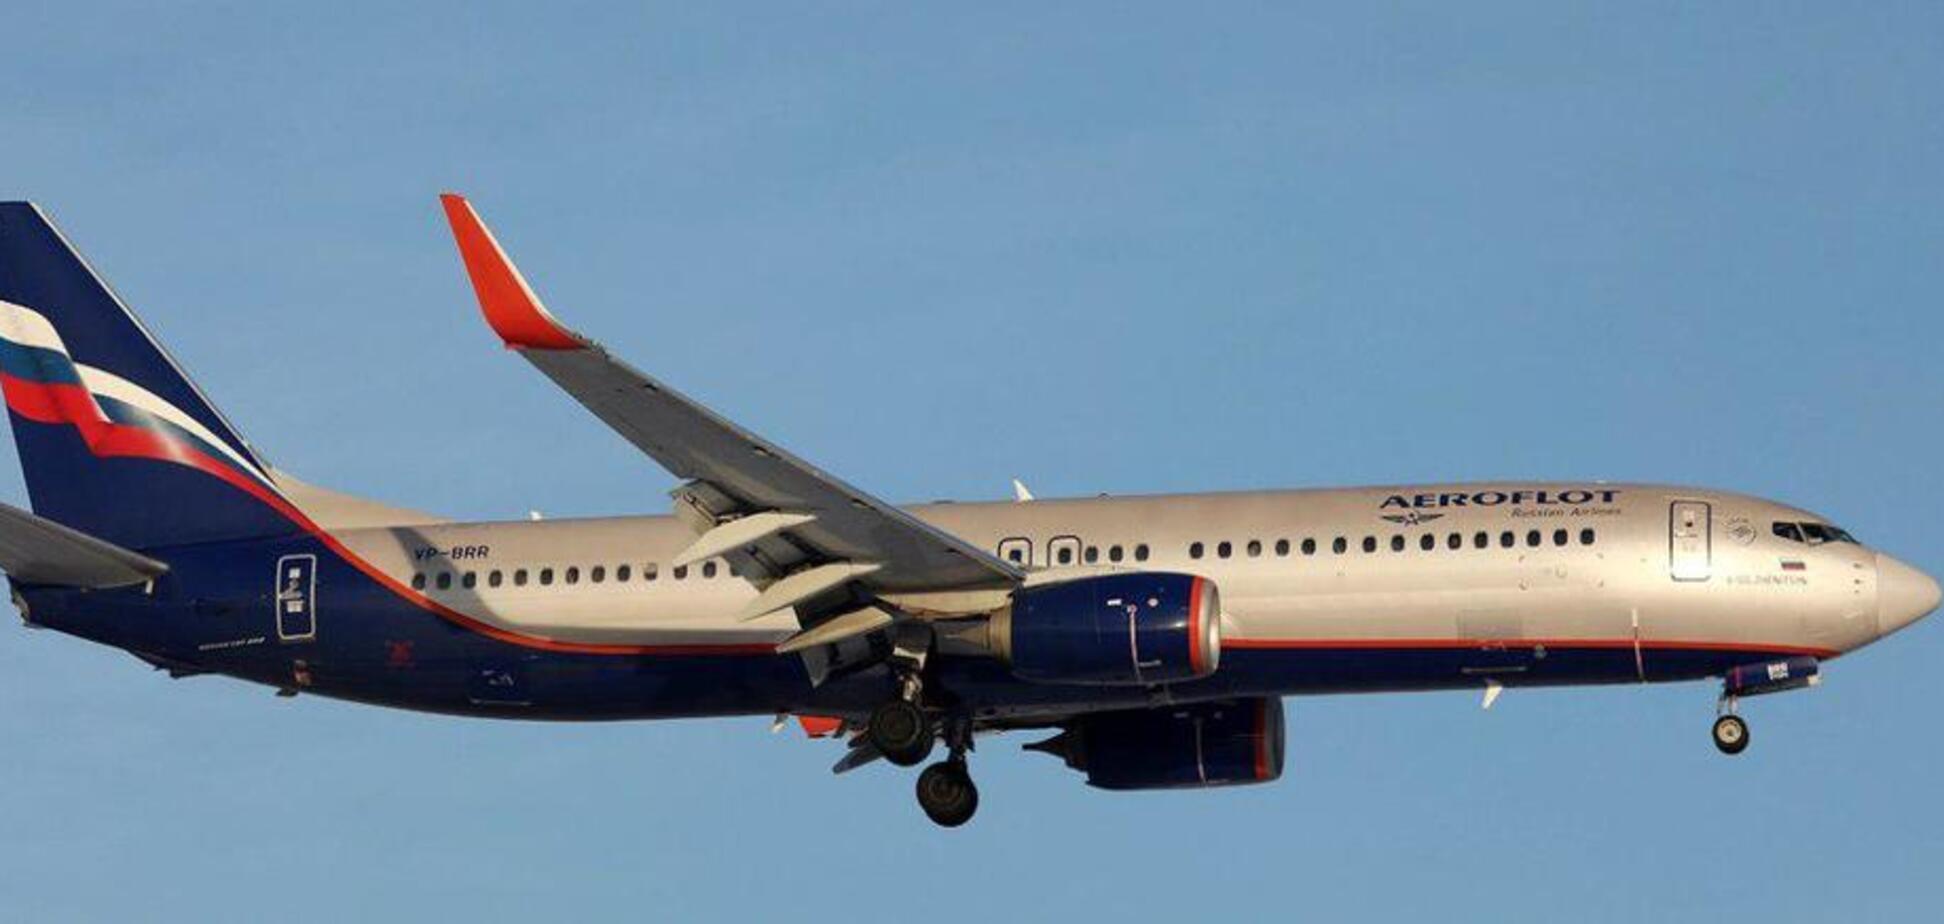 В России захватили пассажирский самолет: что известно